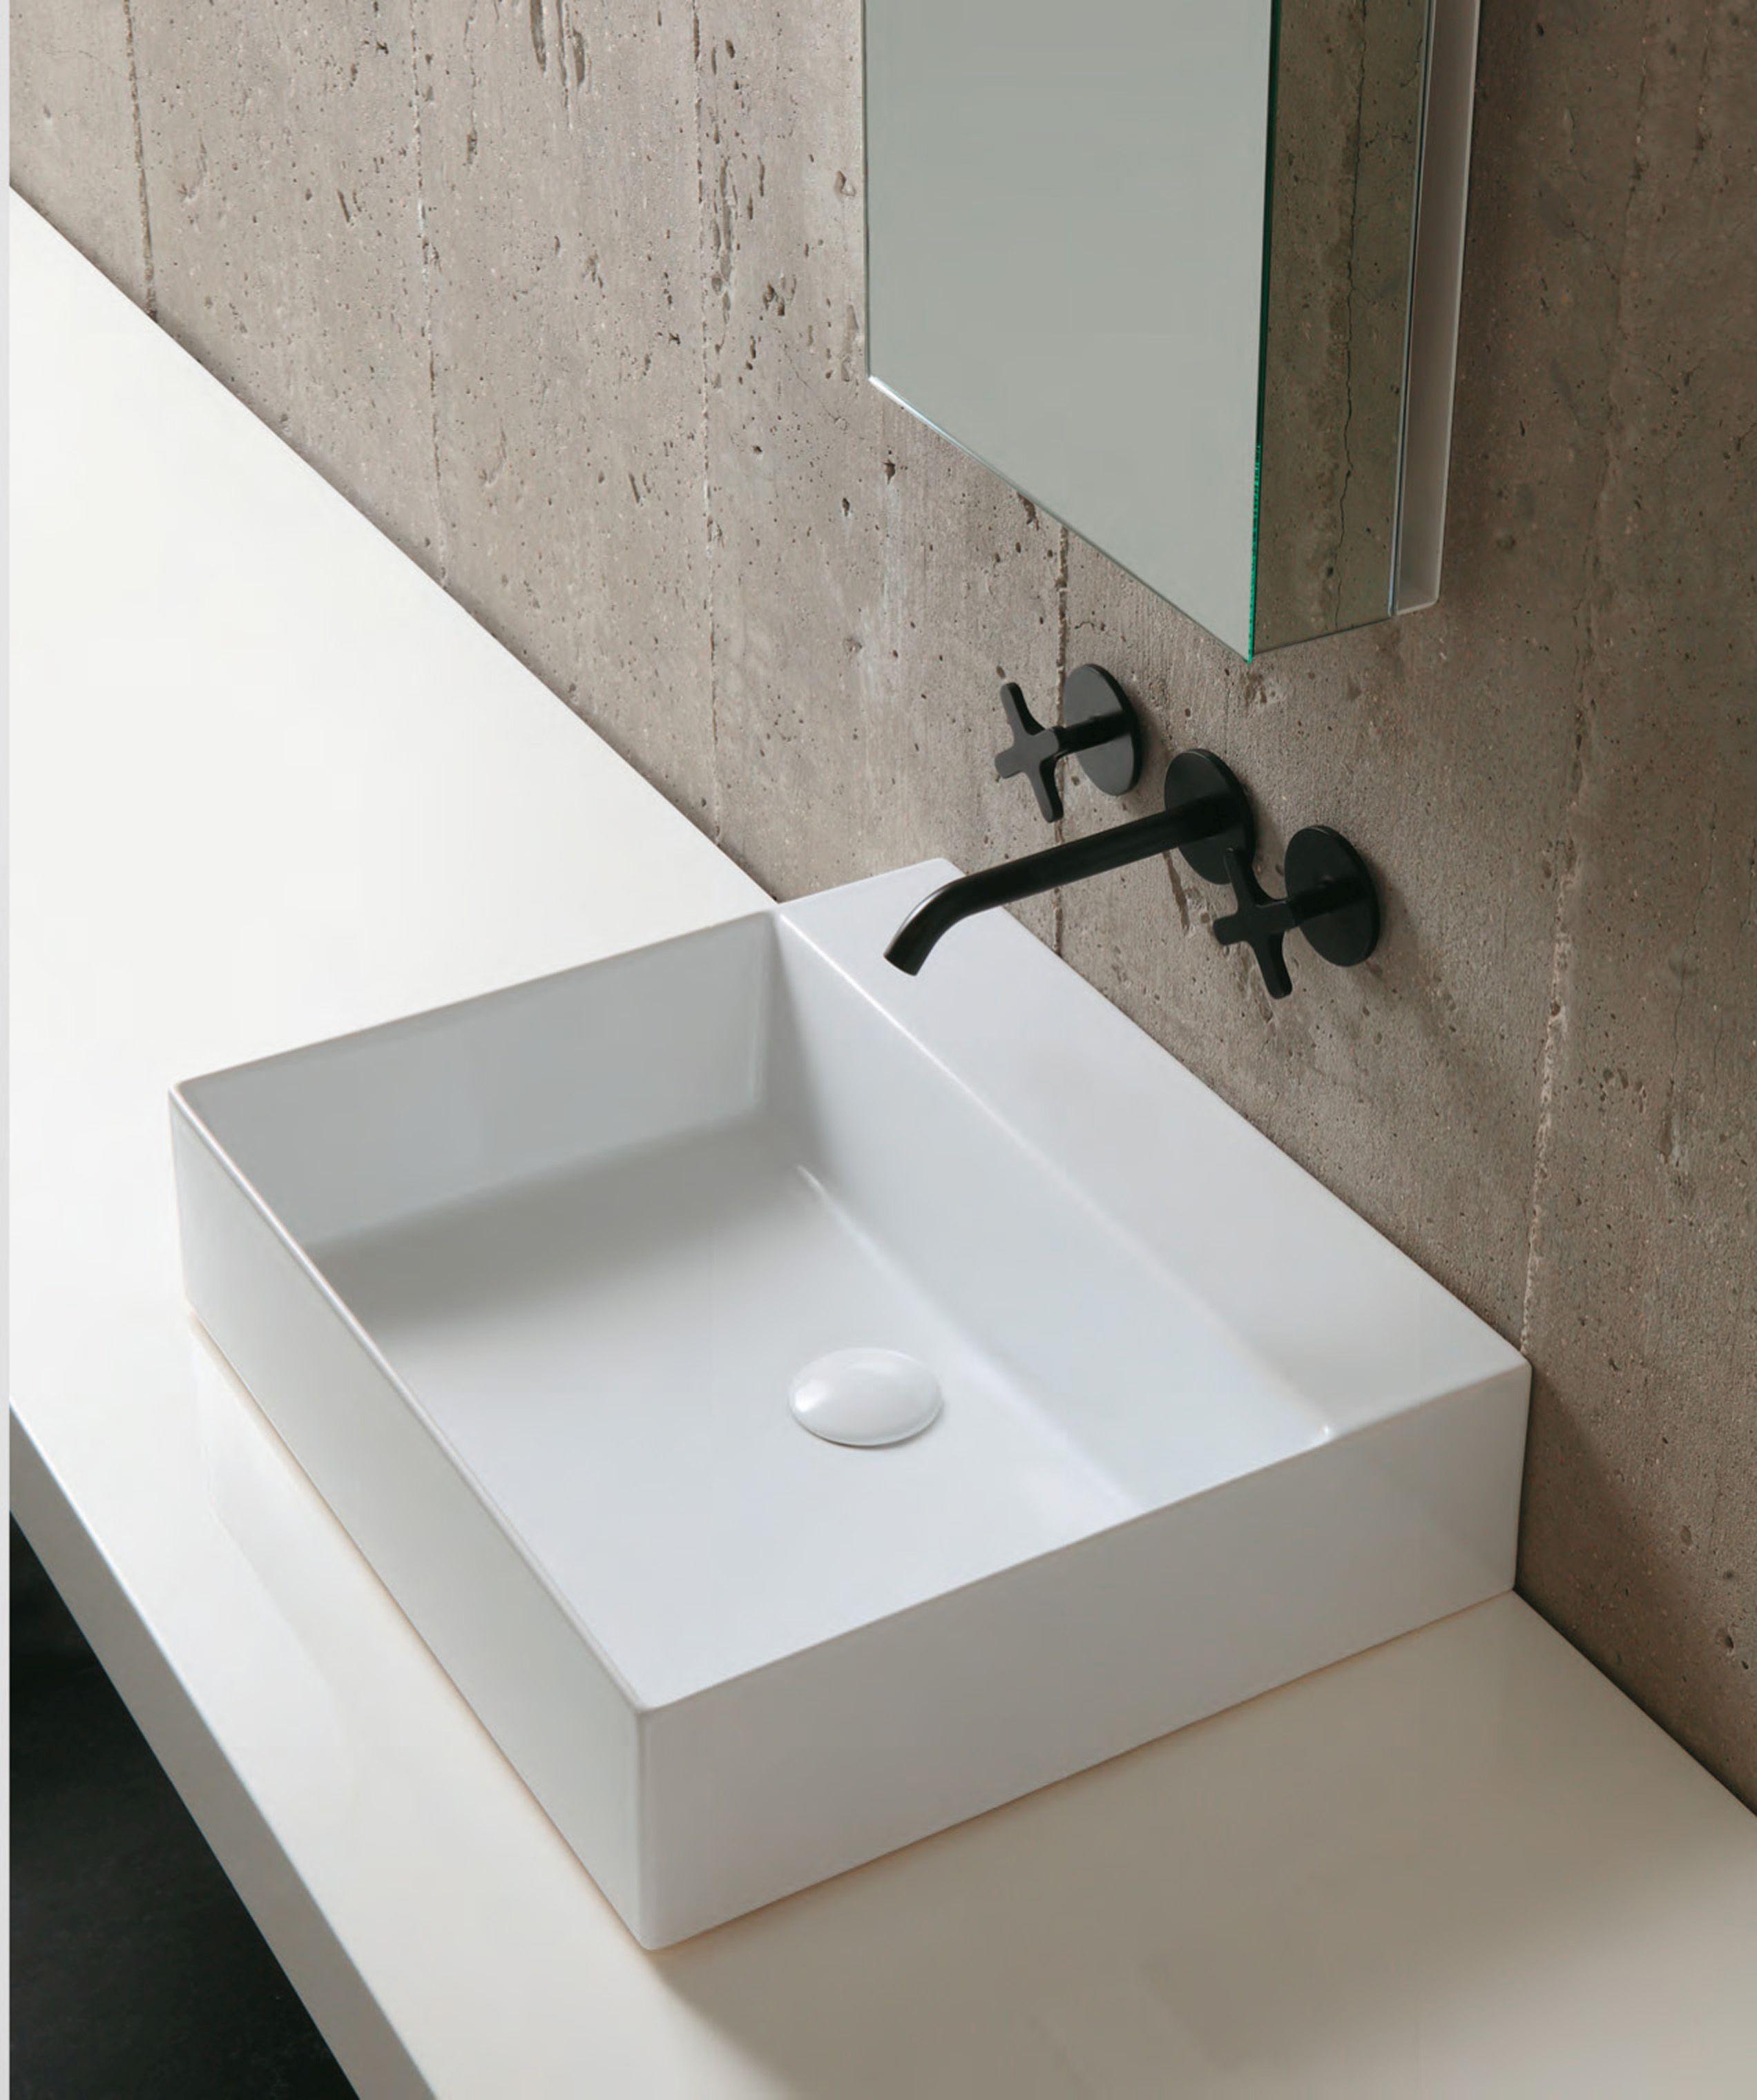 aufsatzbecken in spezialkeramik, linie elegance squared in neun, Badezimmer ideen